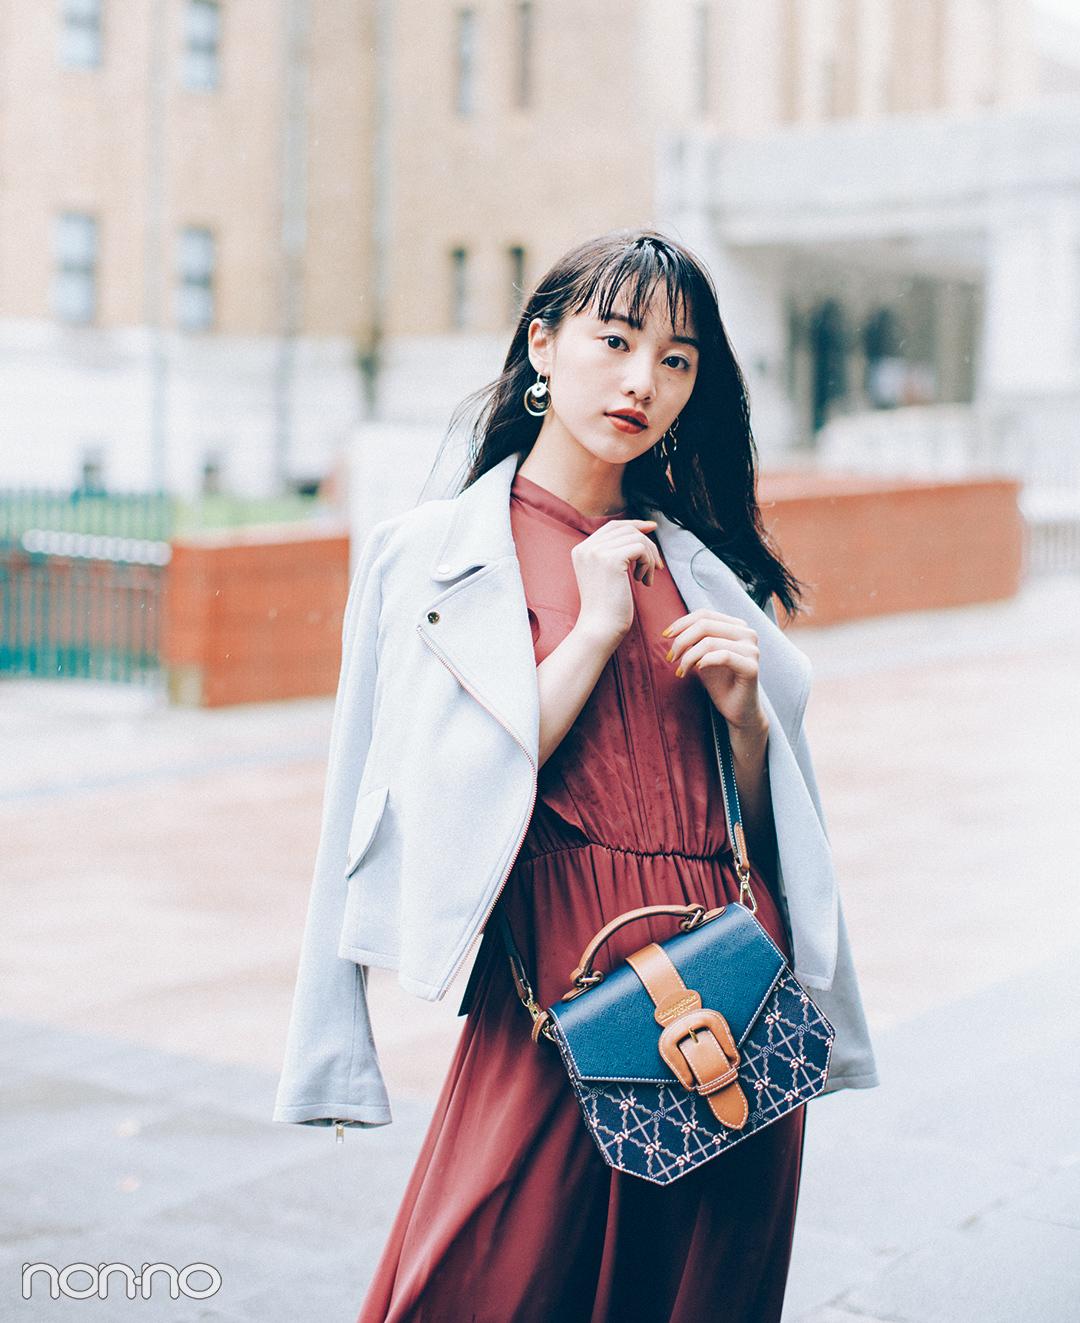 秋のトレンドバッグ2018★レトロなムードのフラップバッグが可愛い!_1_2